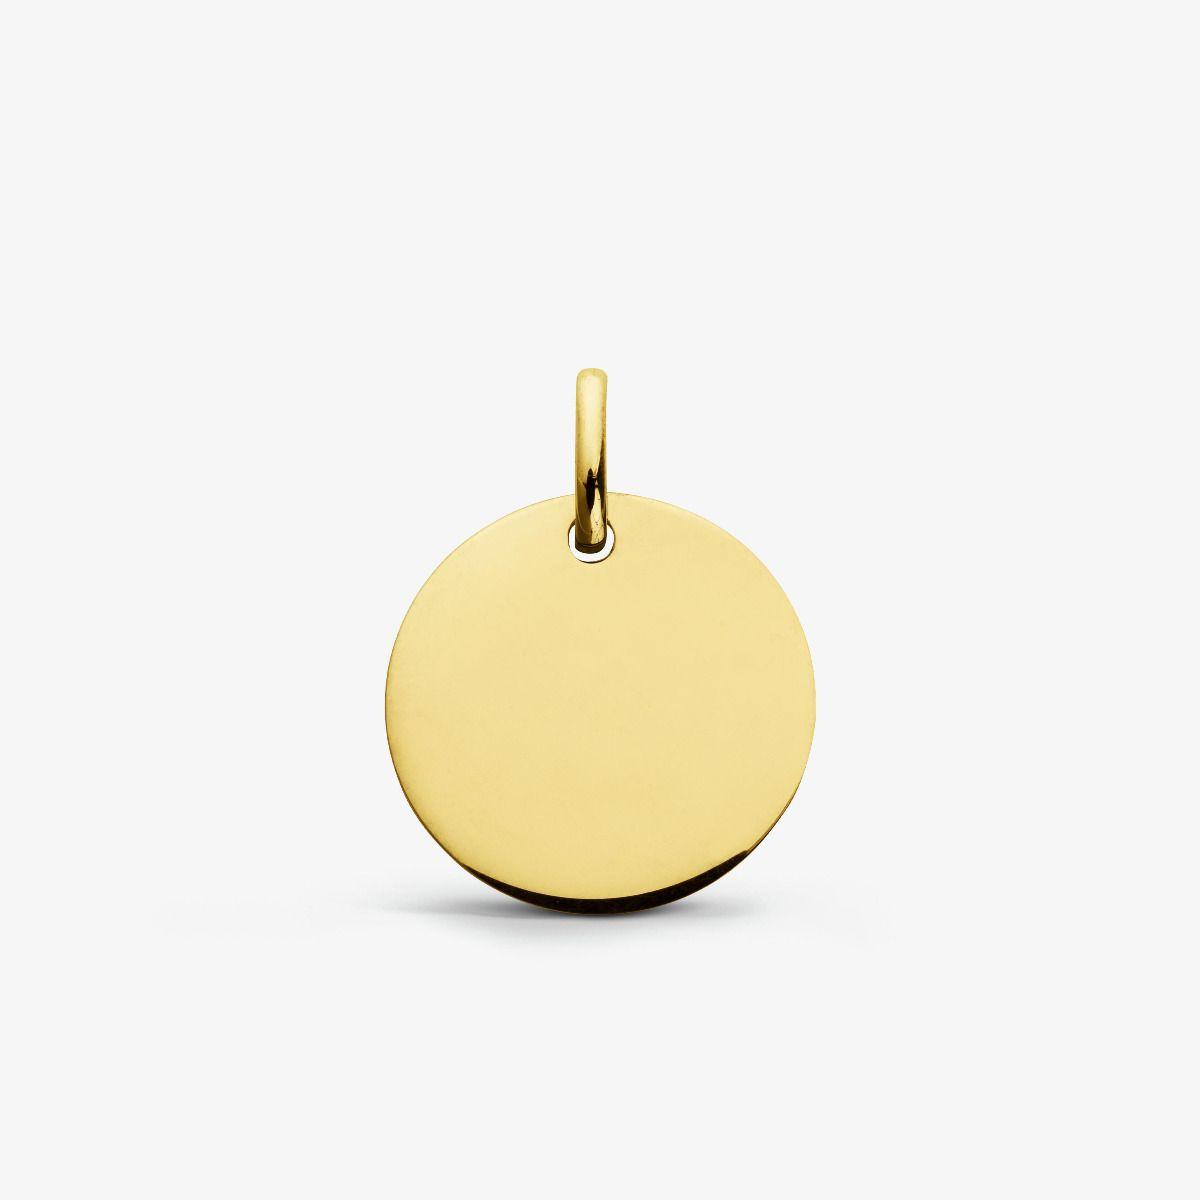 Médaille plaque à graver - Or Jaune 18 carats - 14 mm